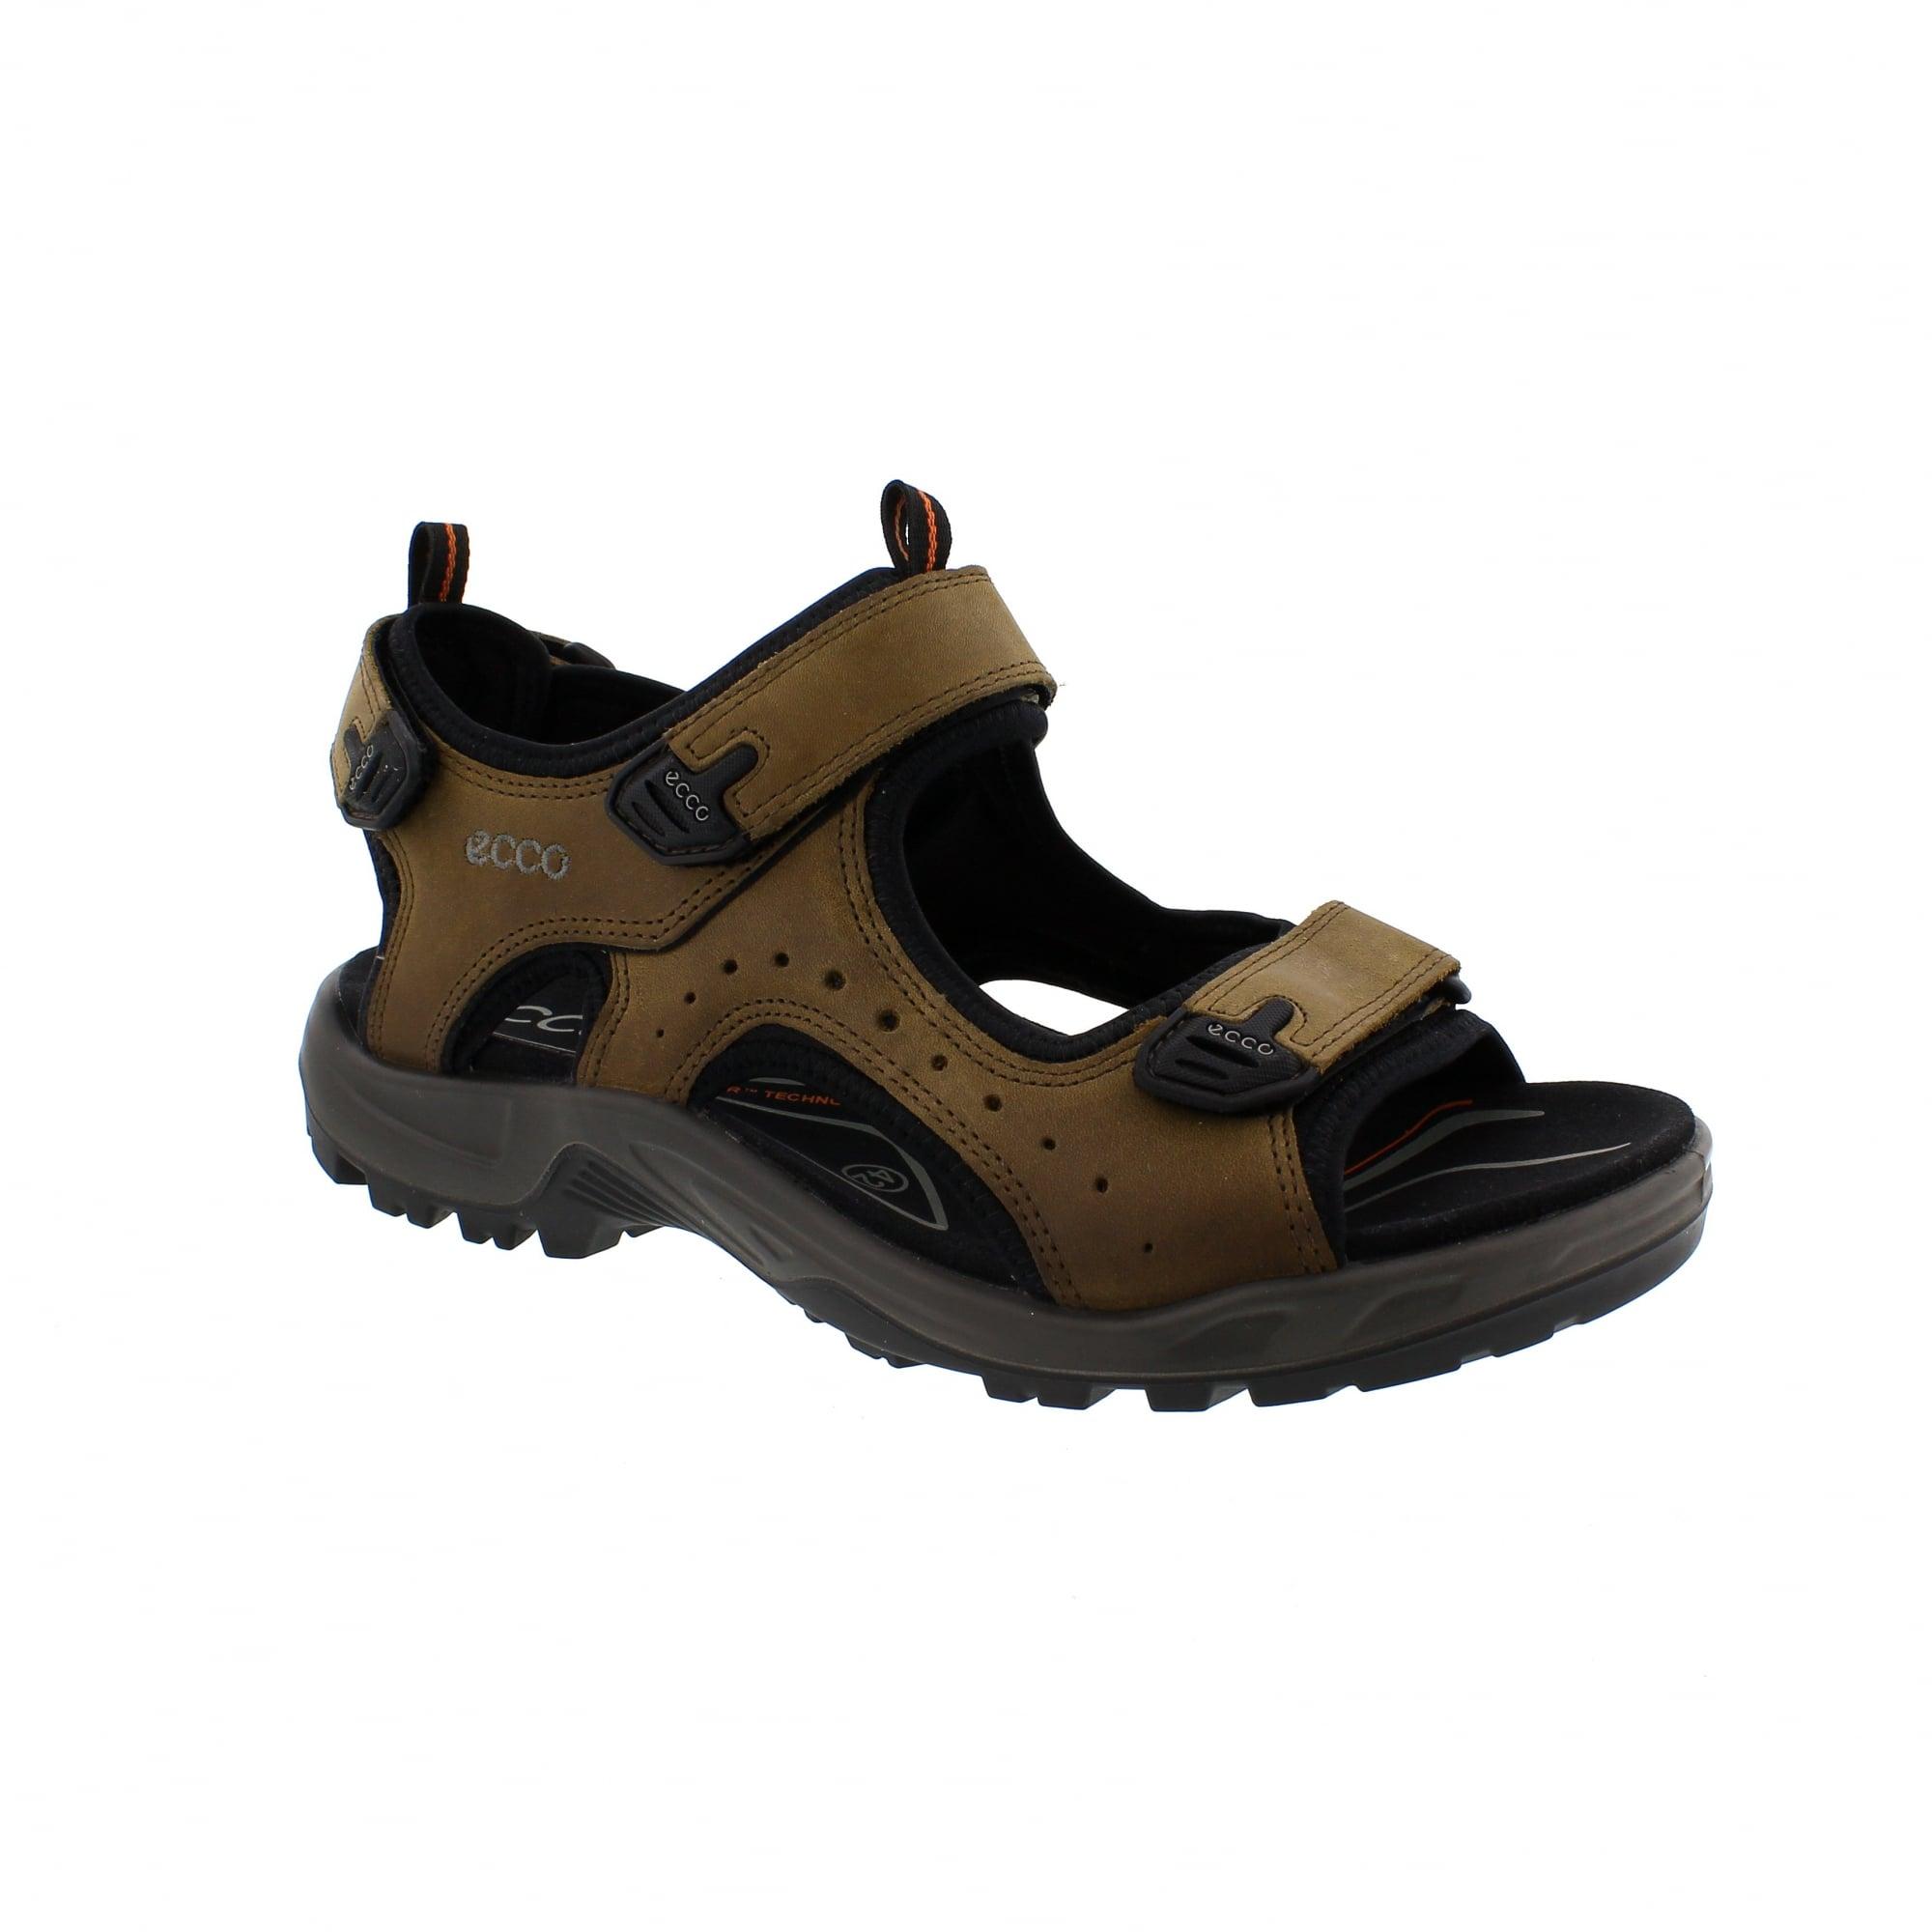 8708618e56c7 Ecco Offroad 822044-02114 Mens Walking Sandals